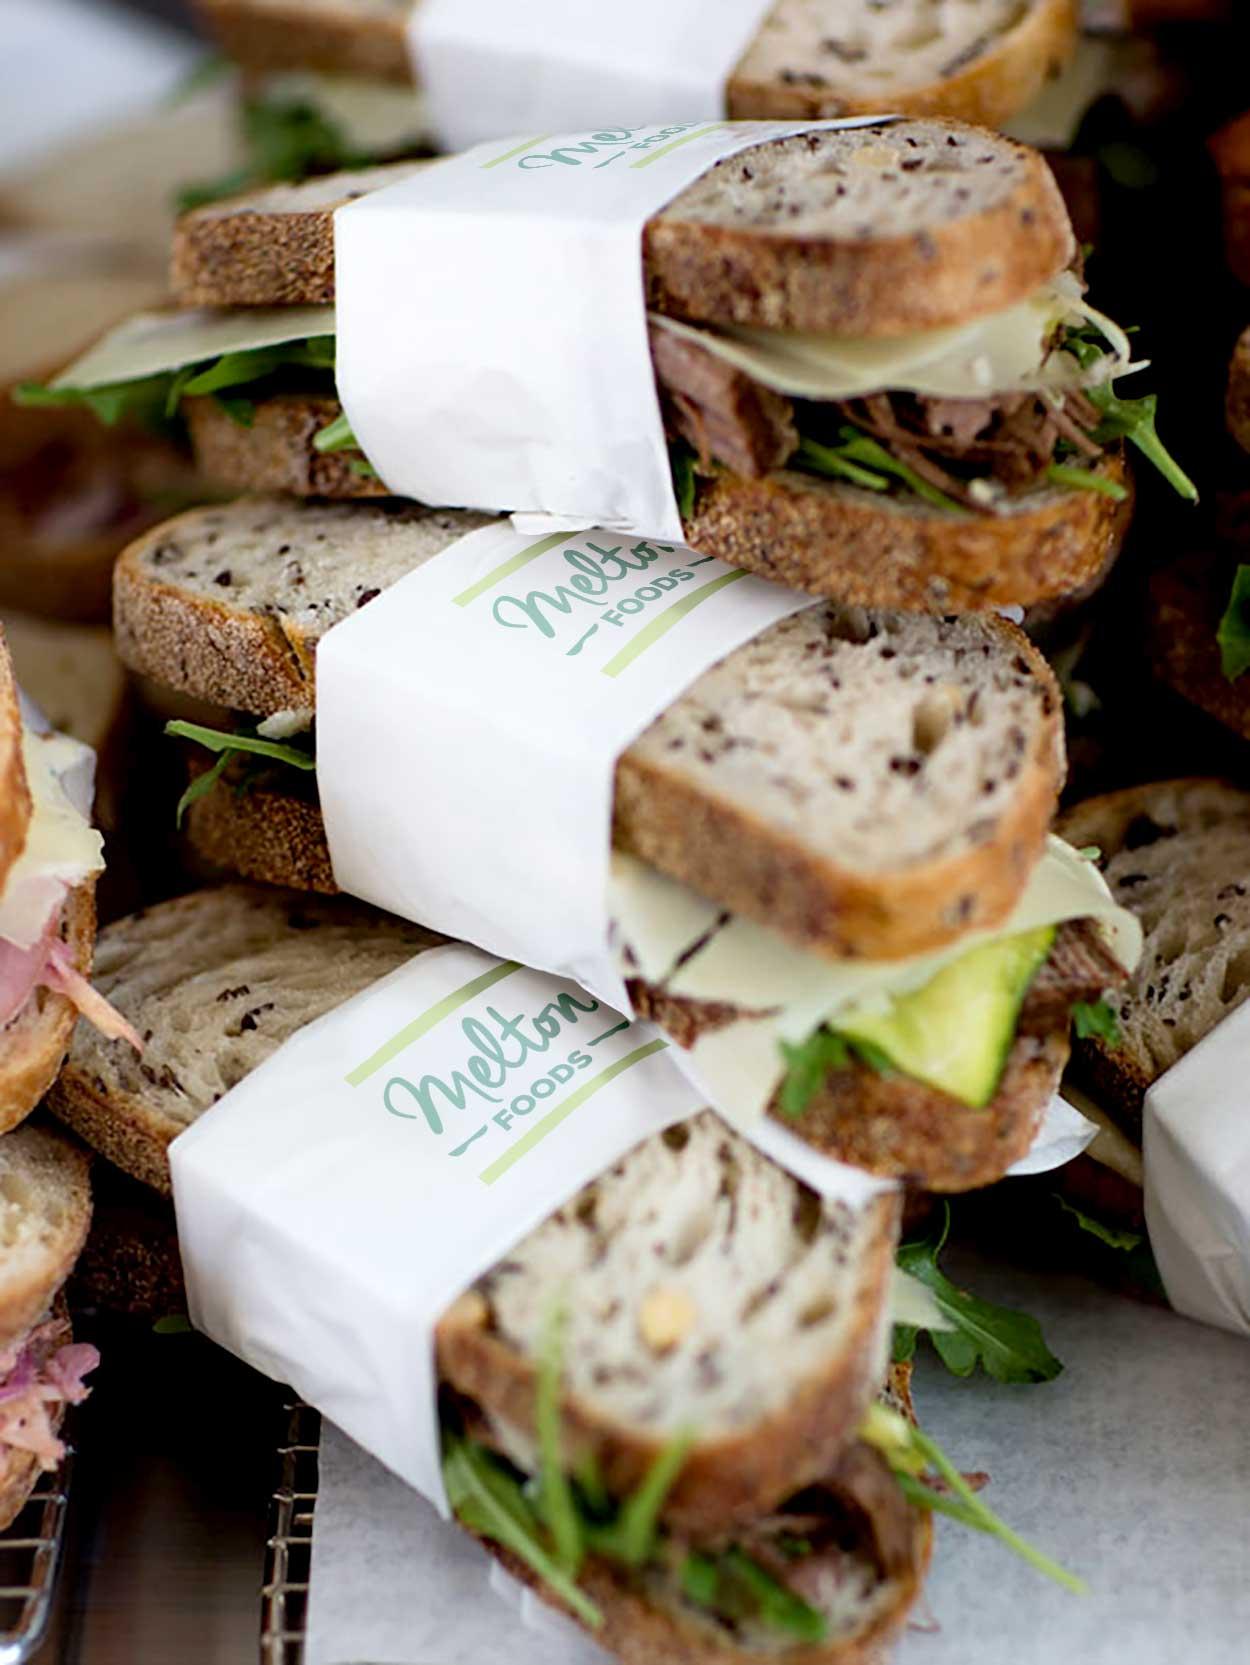 Melton Foods branding